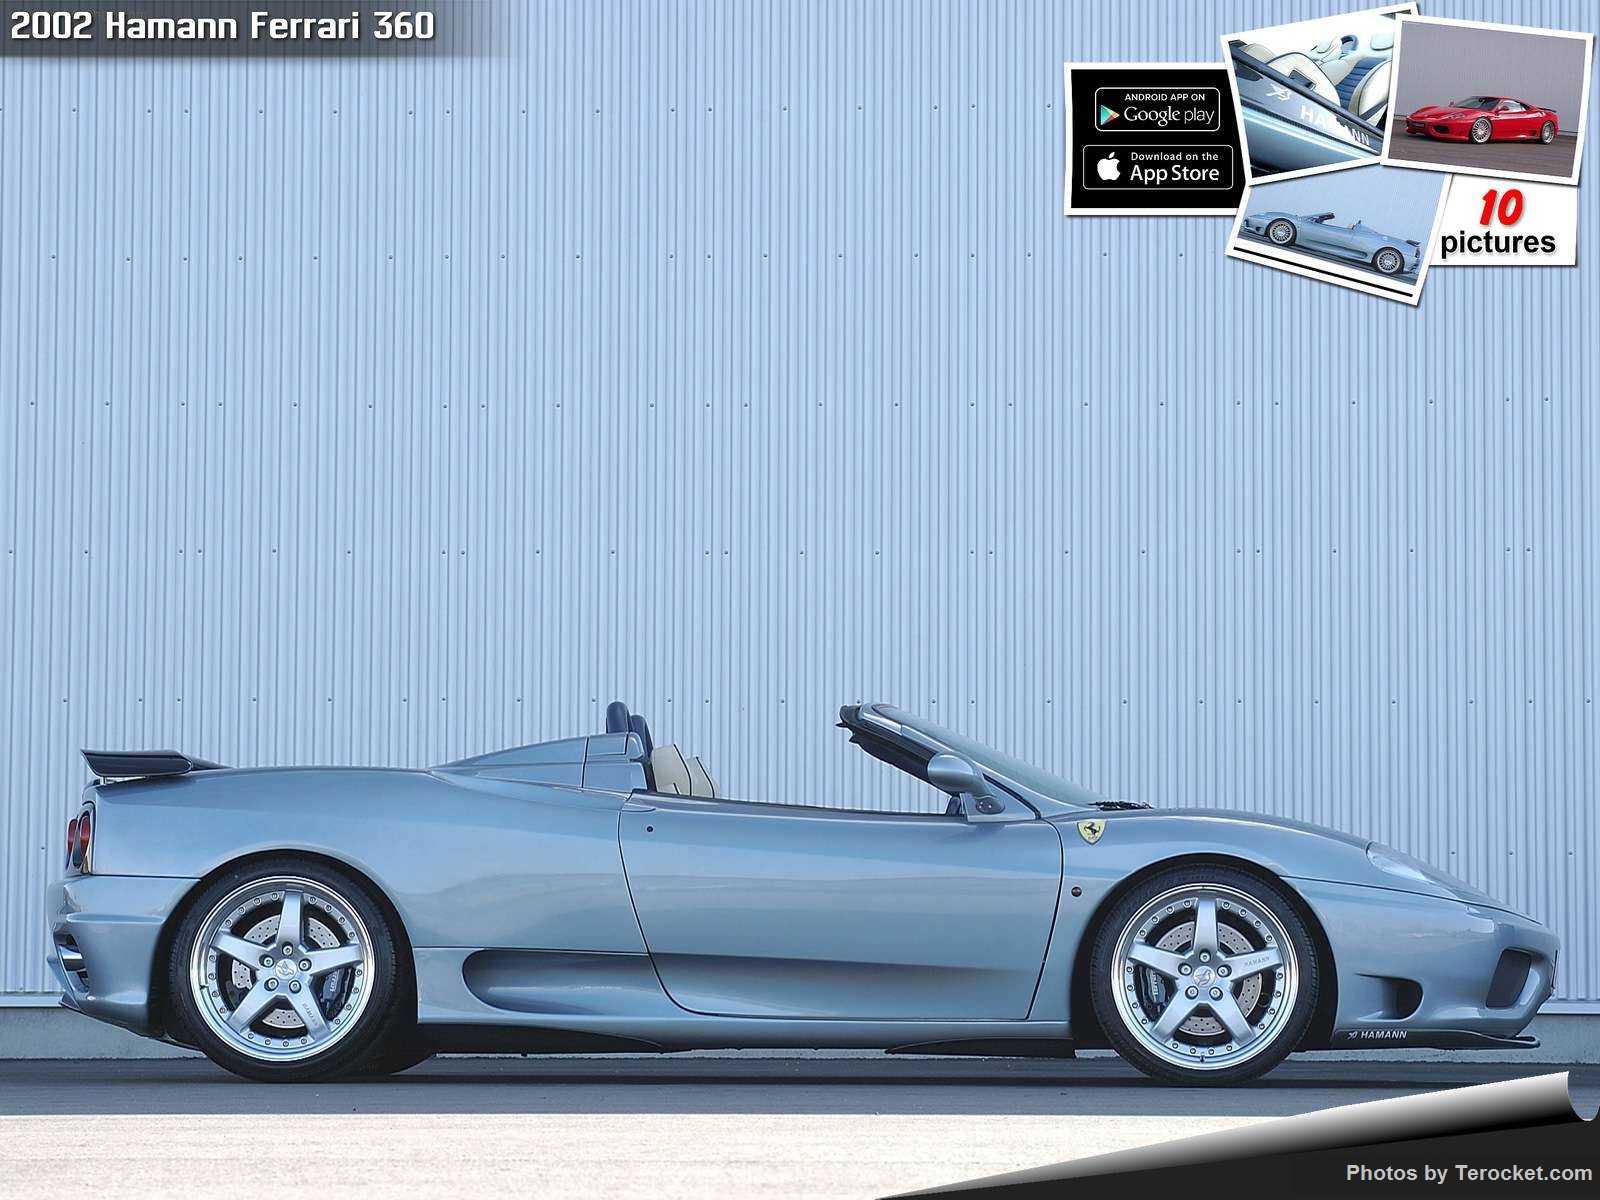 Hình ảnh xe ô tô Hamann Ferrari 360 2002 & nội ngoại thất